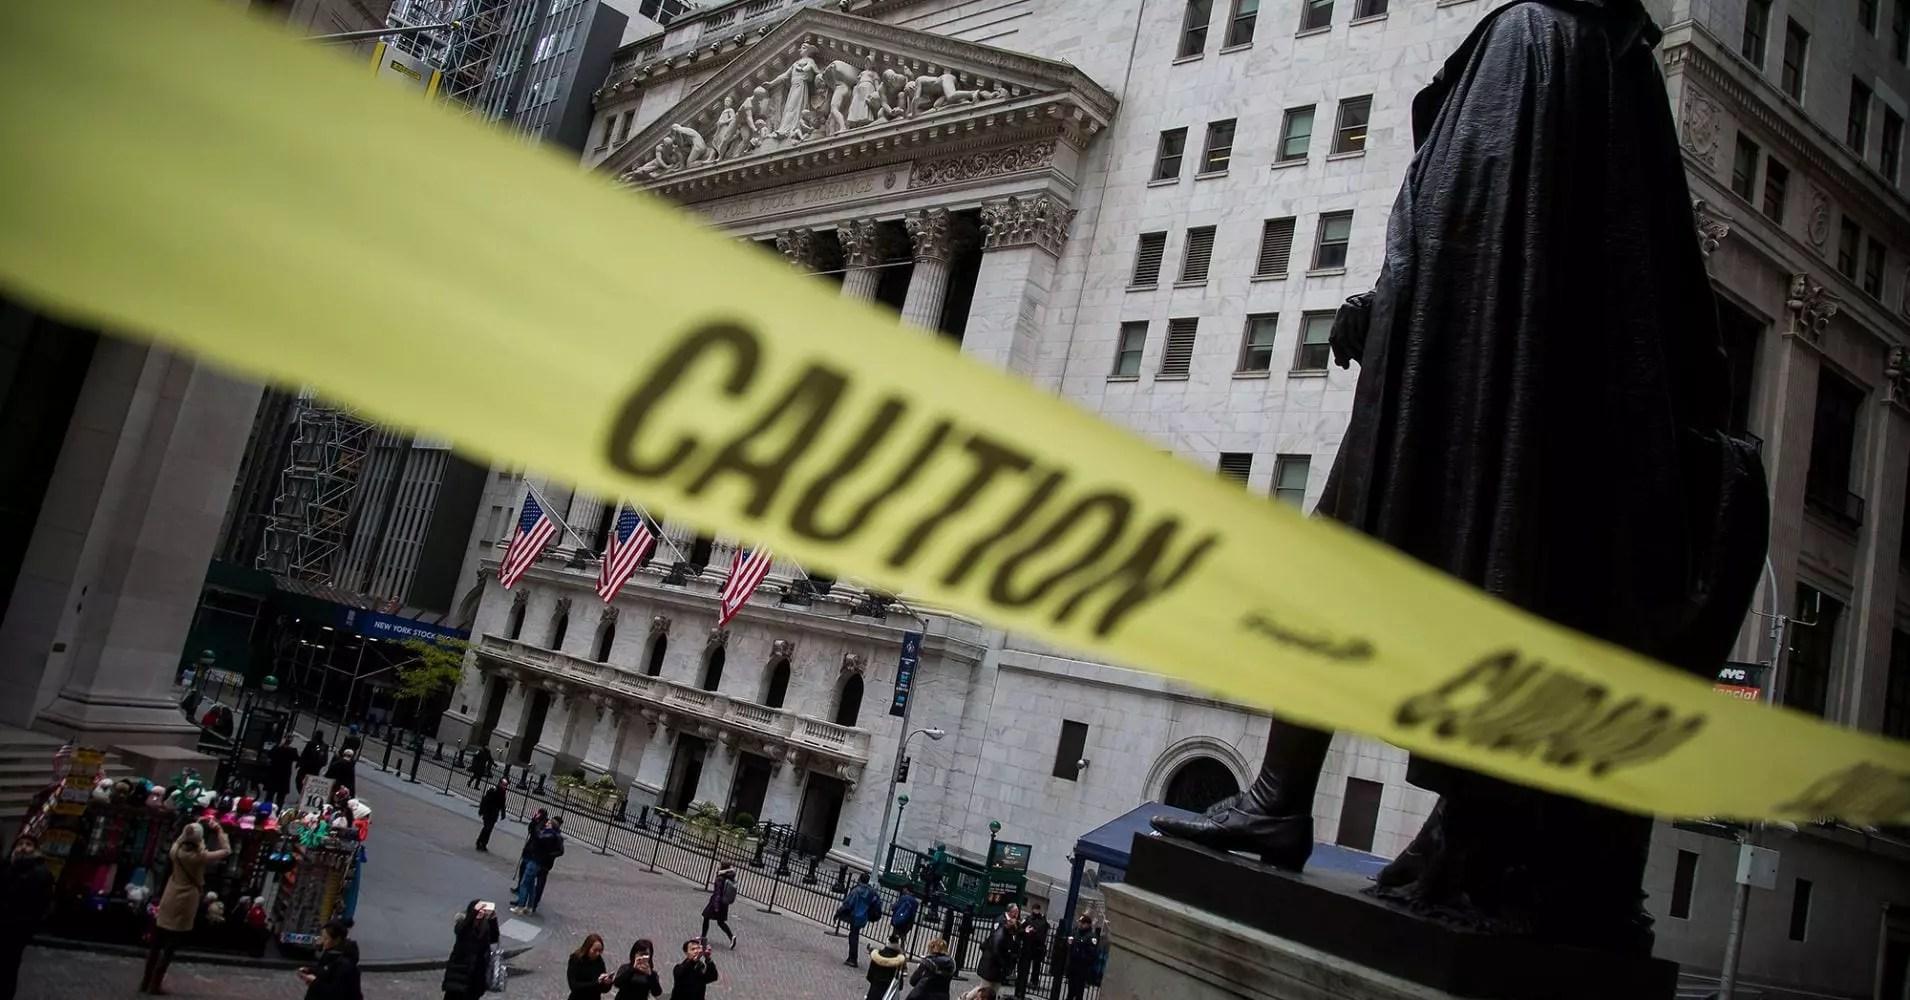 هيئة الأوراق المالية والبورصة الأمريكية تؤجل إتخاذ قرار Etfs وماهو